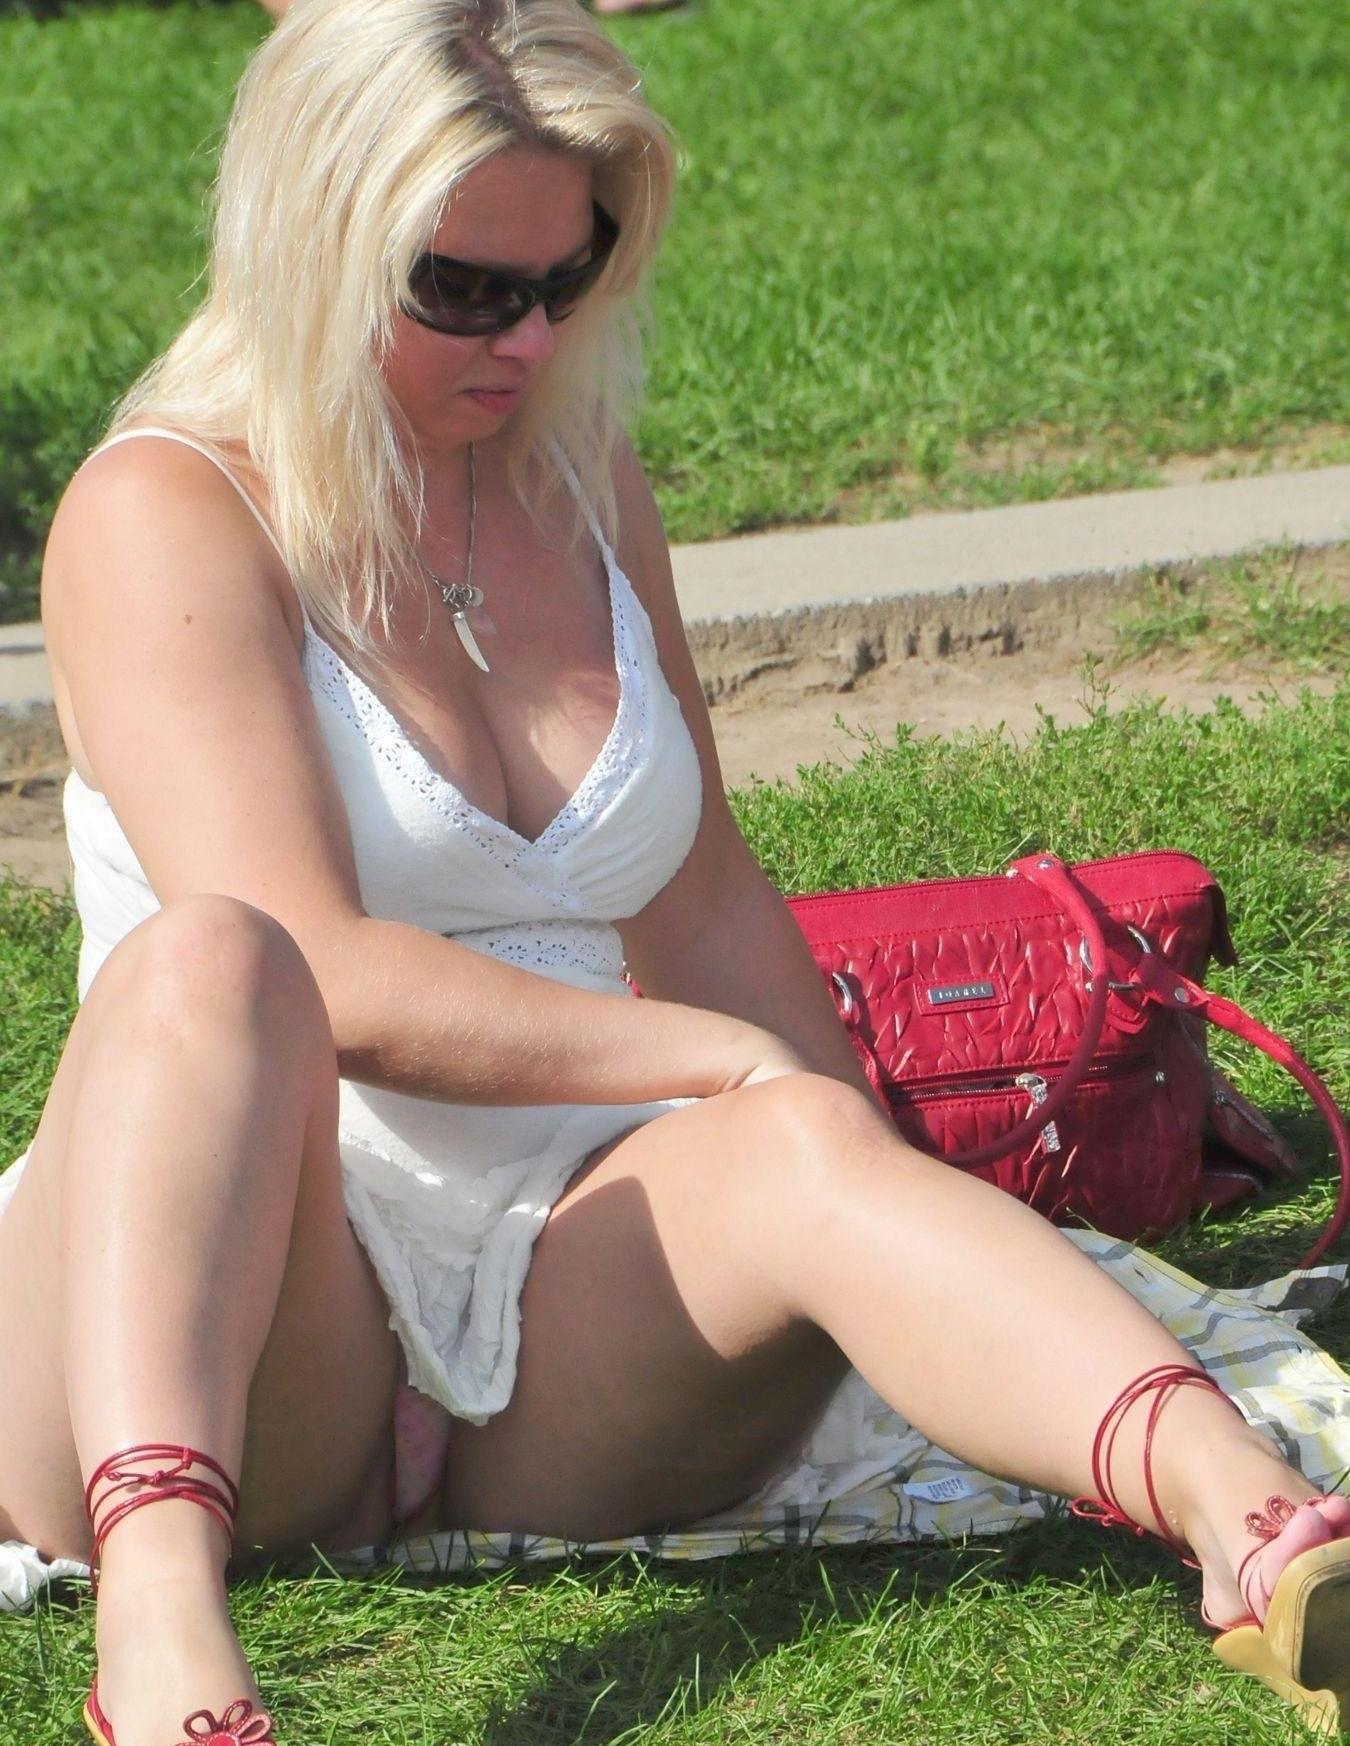 Блондинка в возрасте засветила трусики под белым платьем